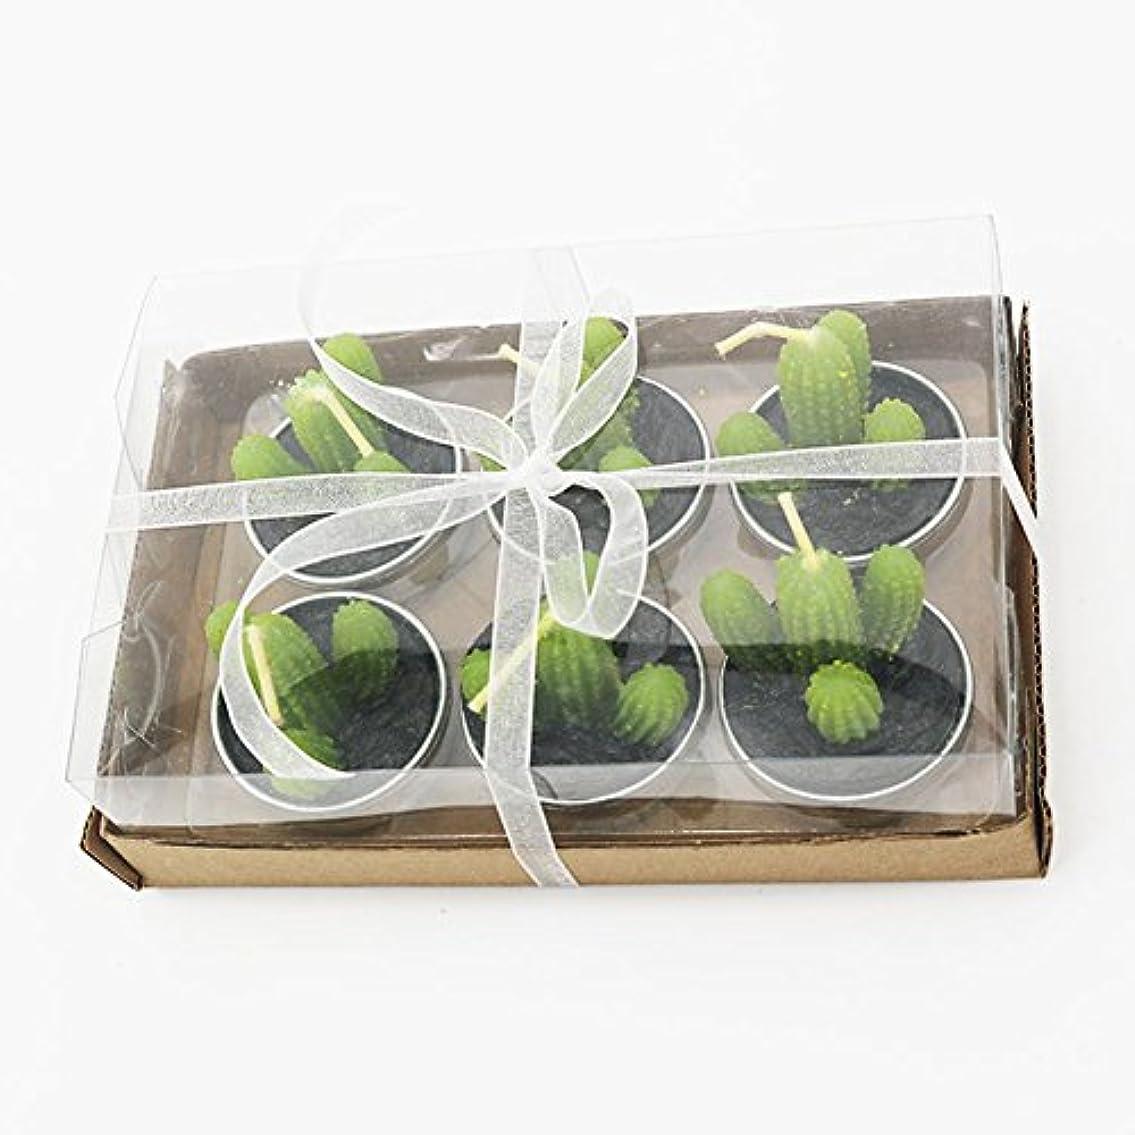 漏れファウルに負けるLiebeye キャンドル 多肉植物スモークフリーのクリエイティブなキャンドル100%自然のワックスかわいい模造植物フルーツの形状低温キャンドル 6個/箱 カクタス?ボックス